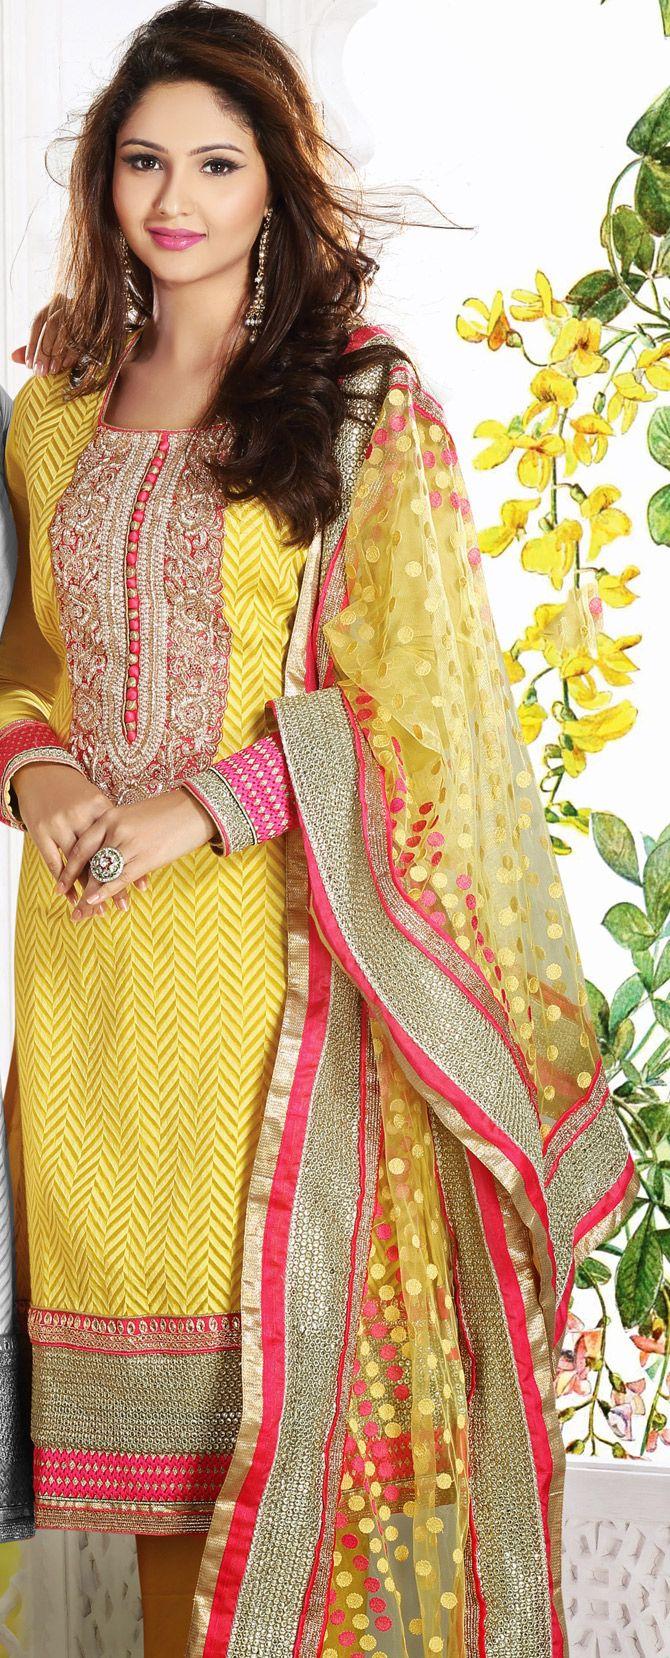 #Yellow Banarasi Silk #Churidar #Fashion #Design | @ $200.48